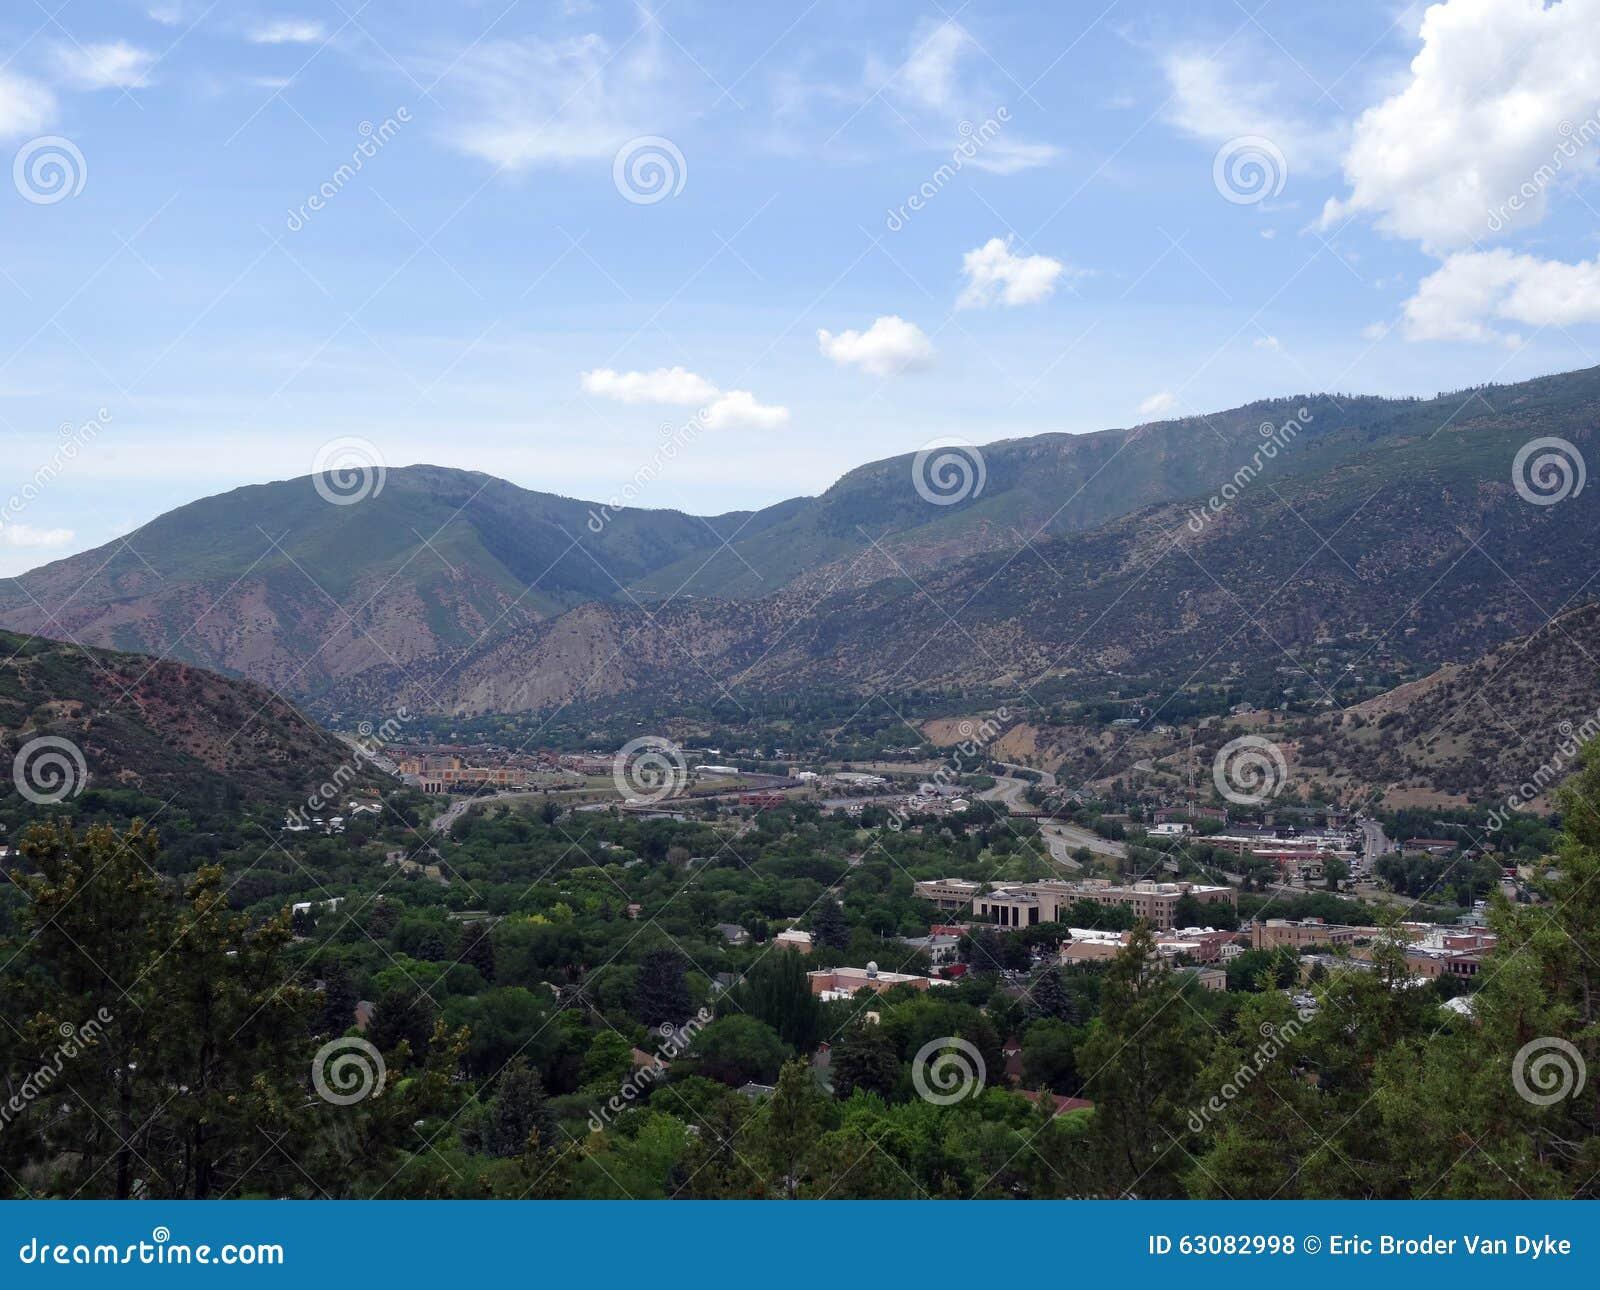 Download Vue Aérienne De Ville De Glenwood Springs Dans Les Montagnes Du Colorado Photo stock - Image du horizontal, forêt: 63082998